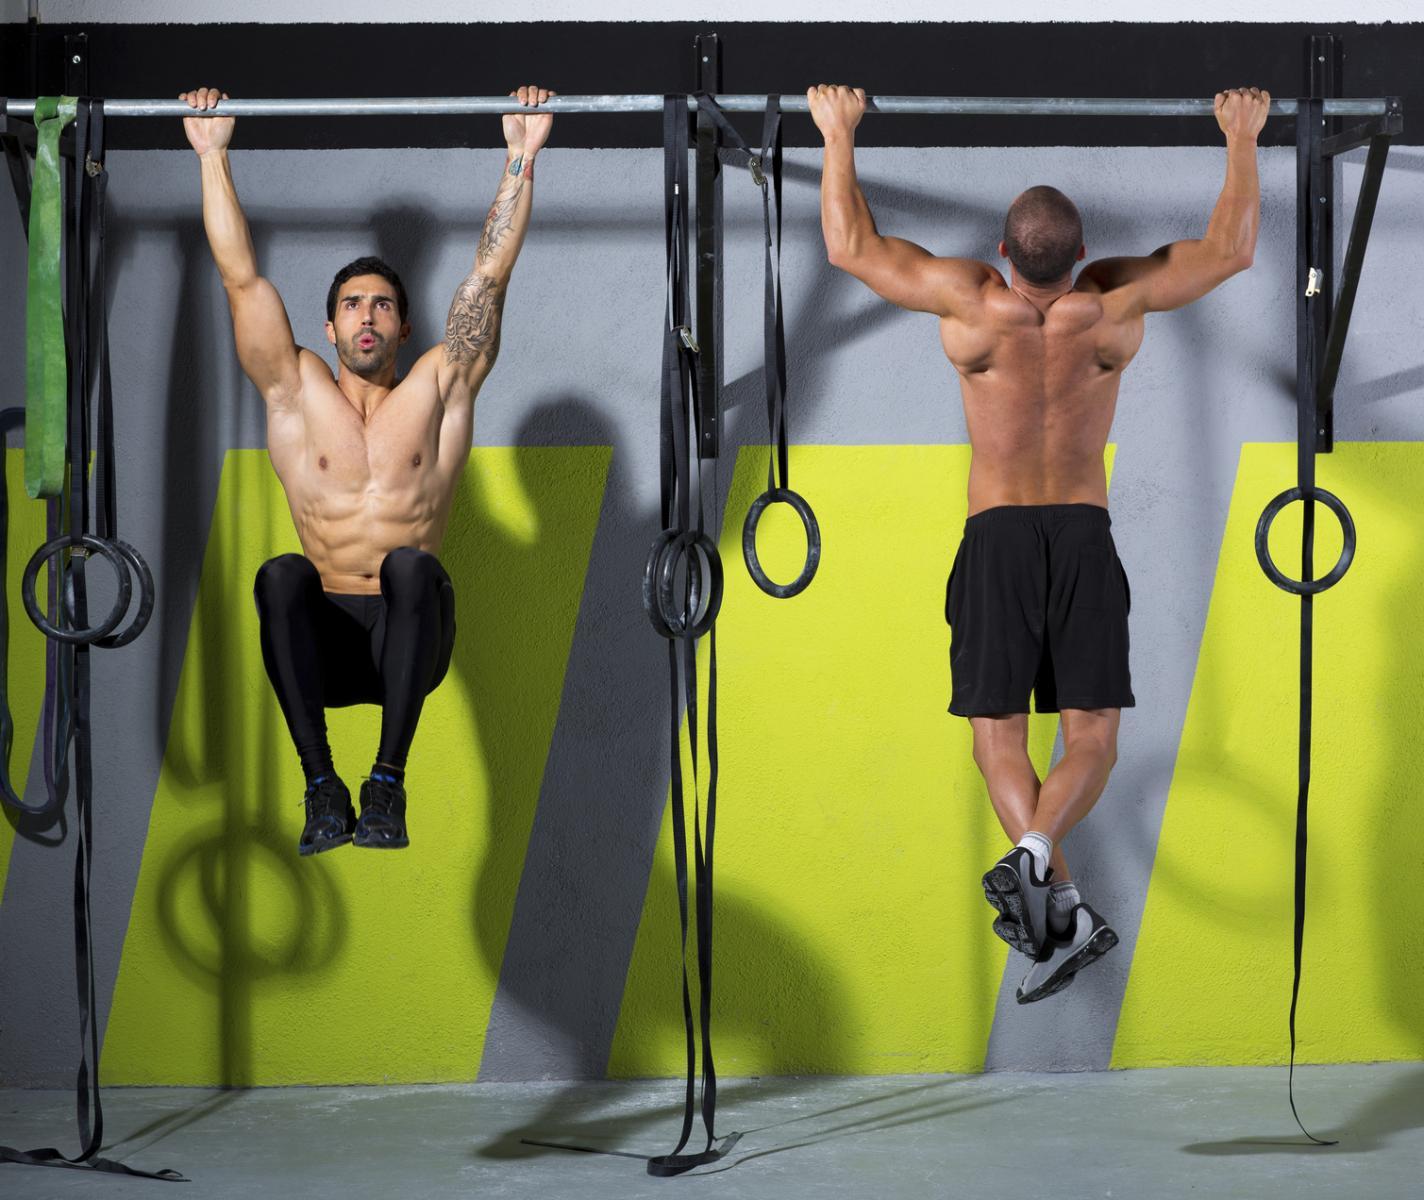 Neki previše treniraju zbog zaluđenosti nekim sportom ili aktivnošću, a ponekad je to vrsta opsesije.